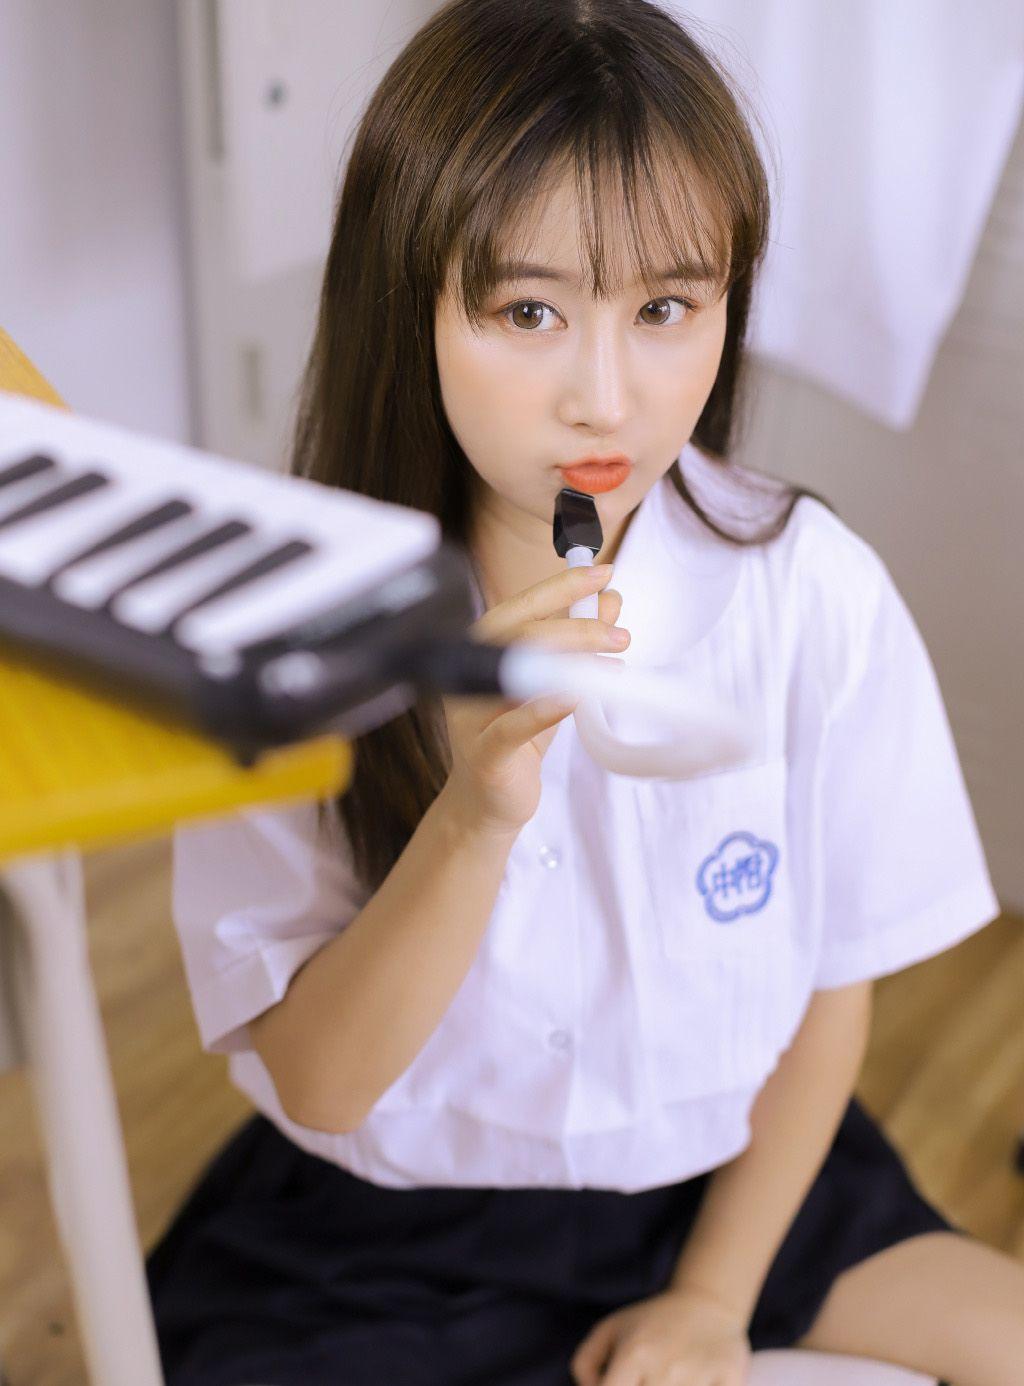 时尚穿搭:长发齐刘海,楼上气质学姐!